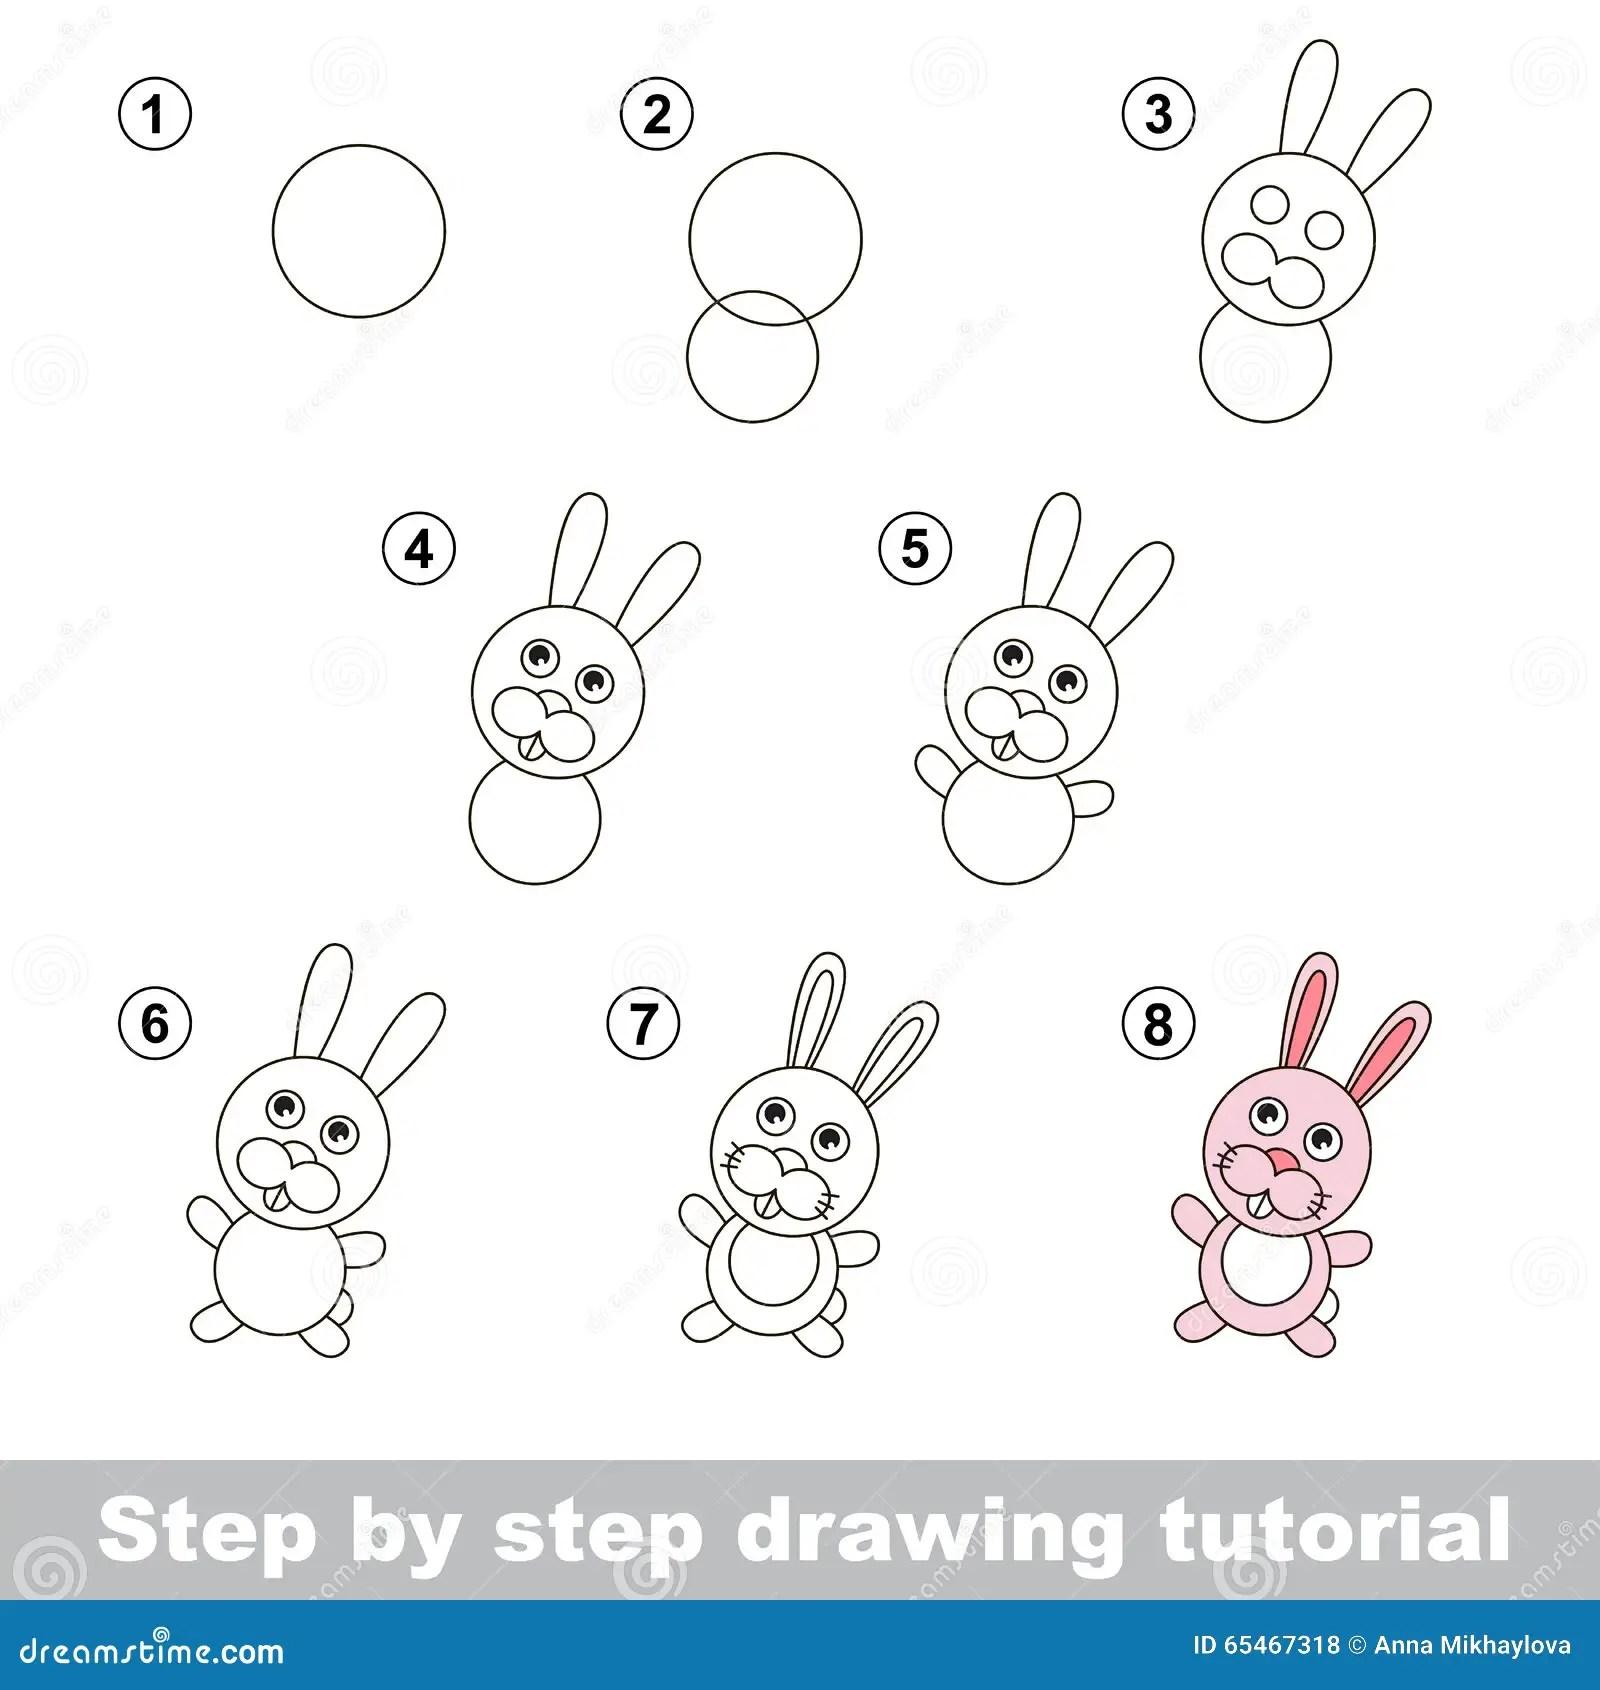 Zeichnendes Tutorium Wie Man Ein Kleines Kaninchen